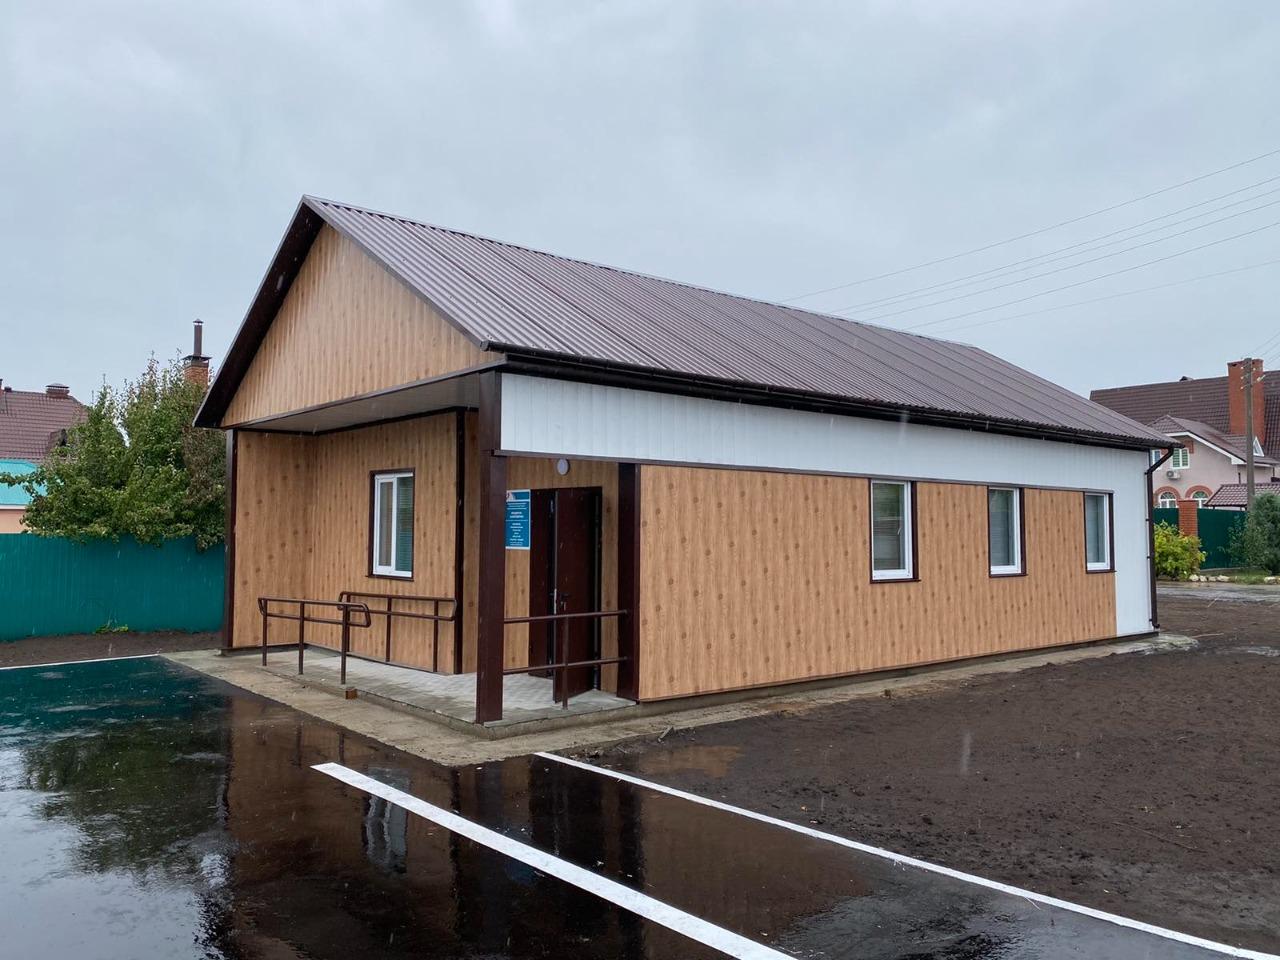 В Самарской области до конца года возведут 4 новых фельдшерско-акушерских пункта